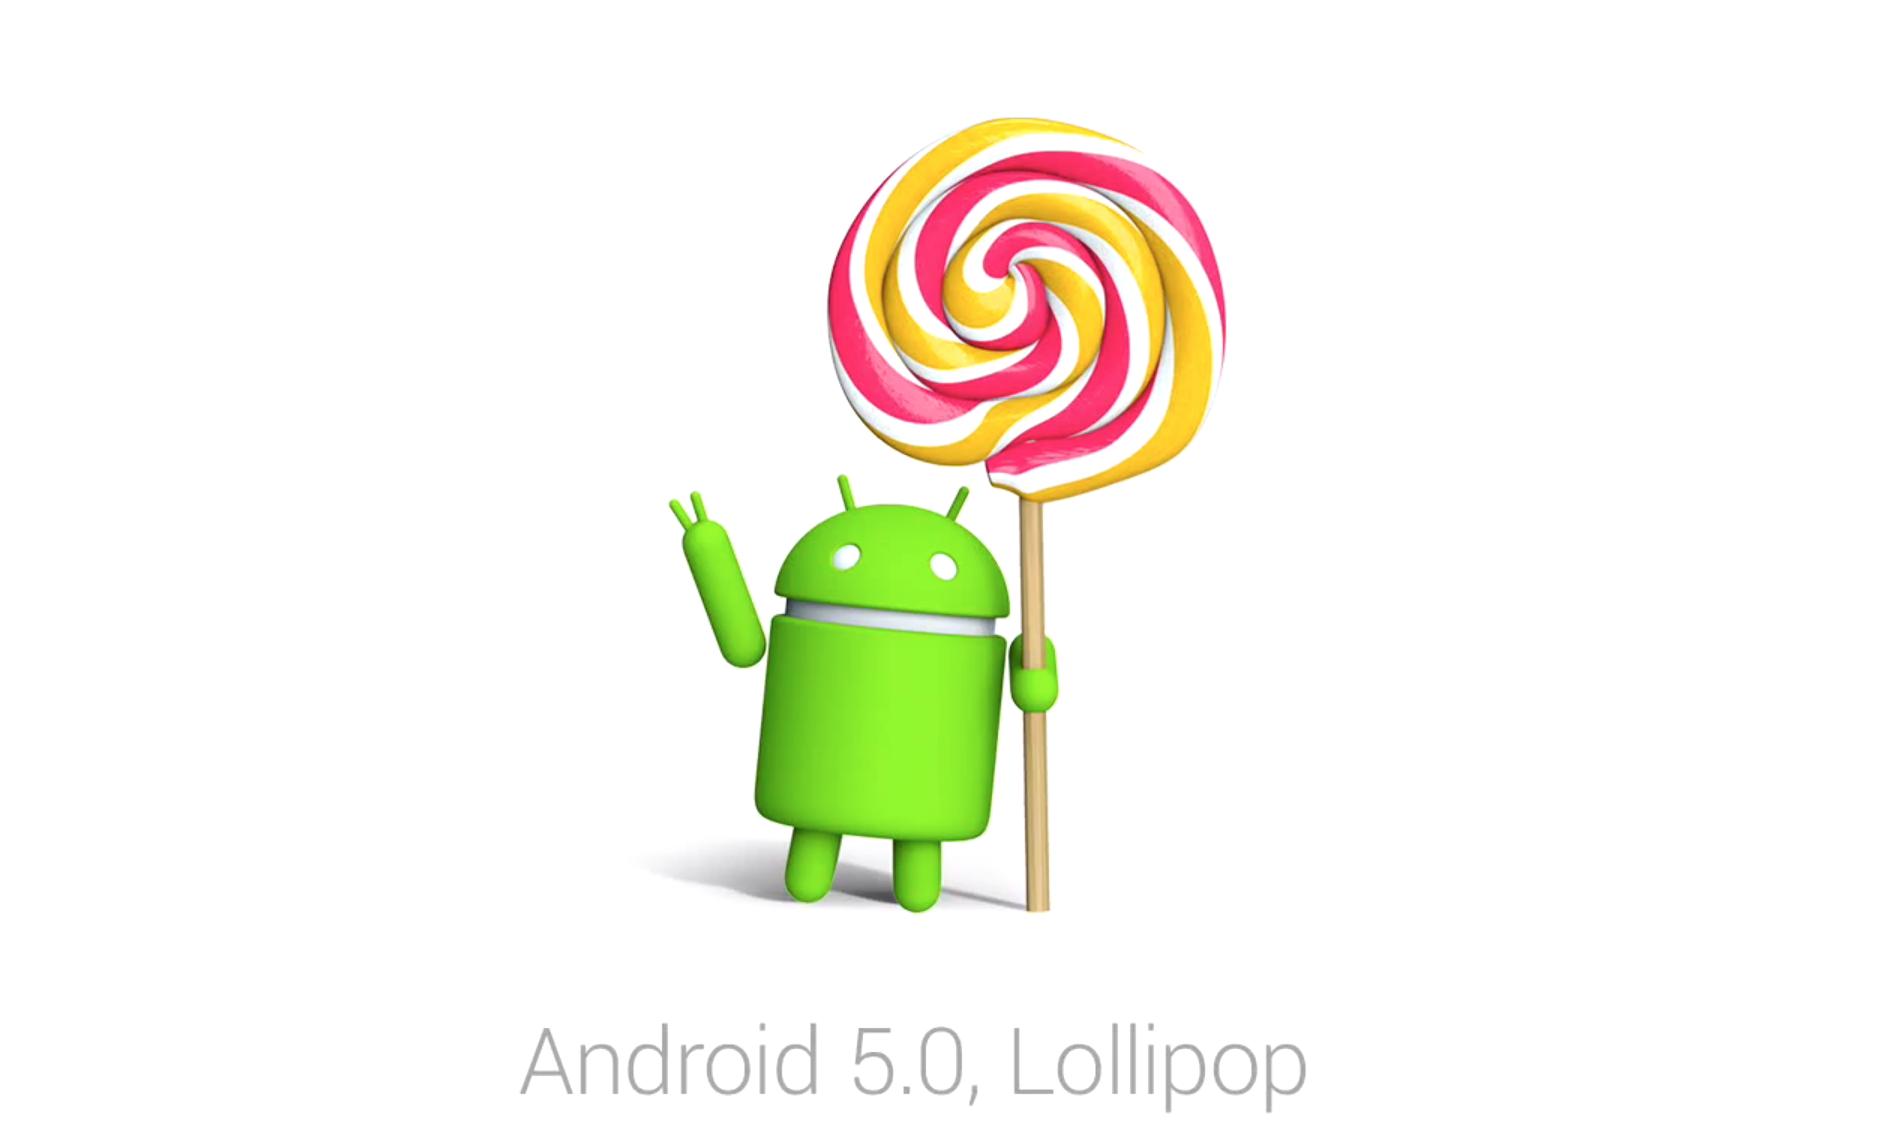 Come scaricare Gapps Lollipop per tutte le ROM 2